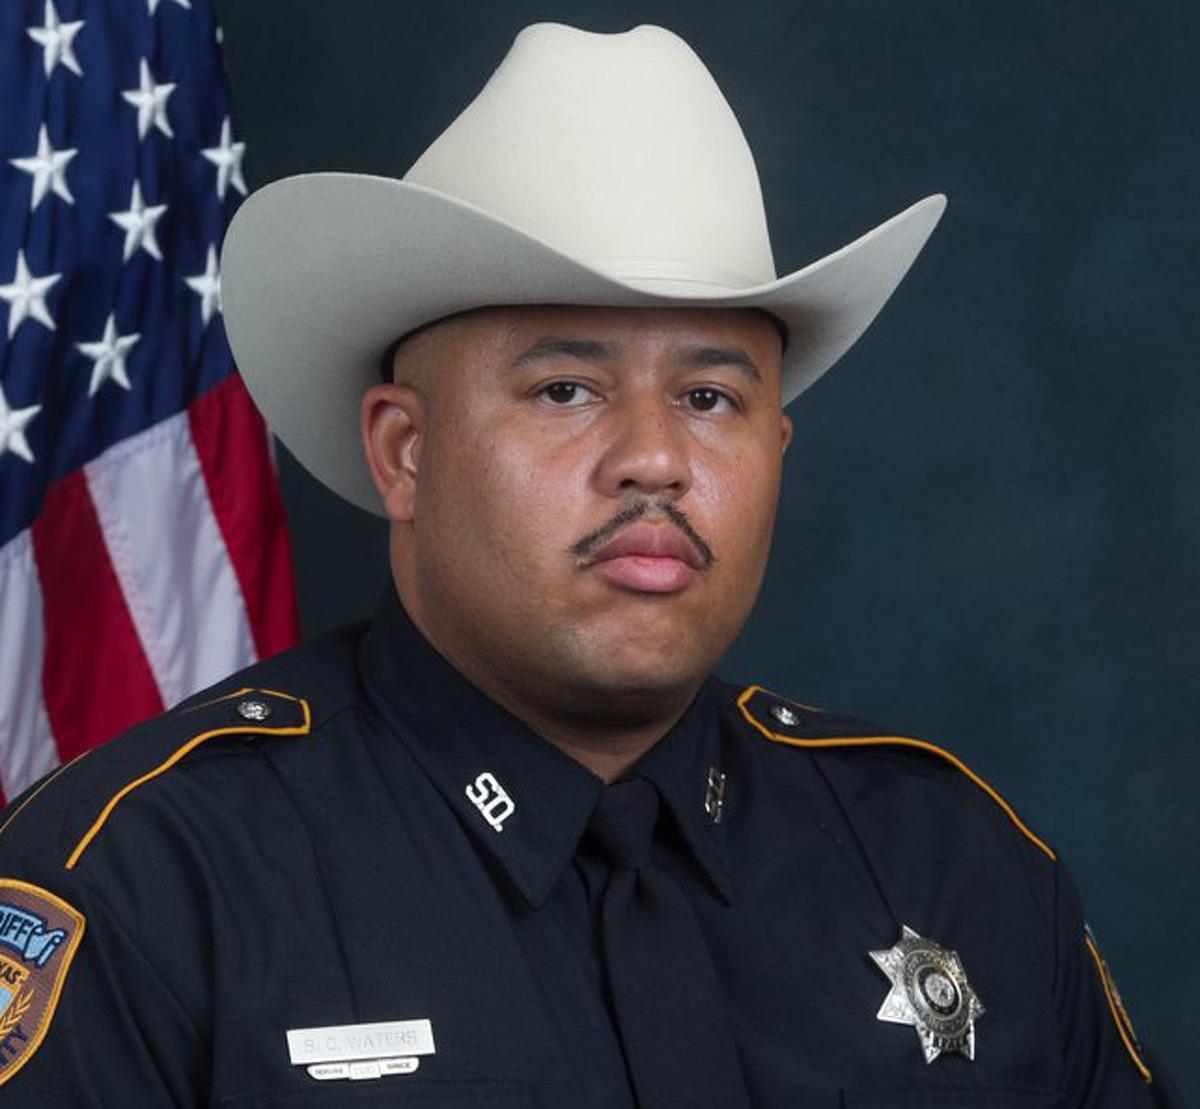 Harris County Sheriff's Office Deputy Shaun Waters